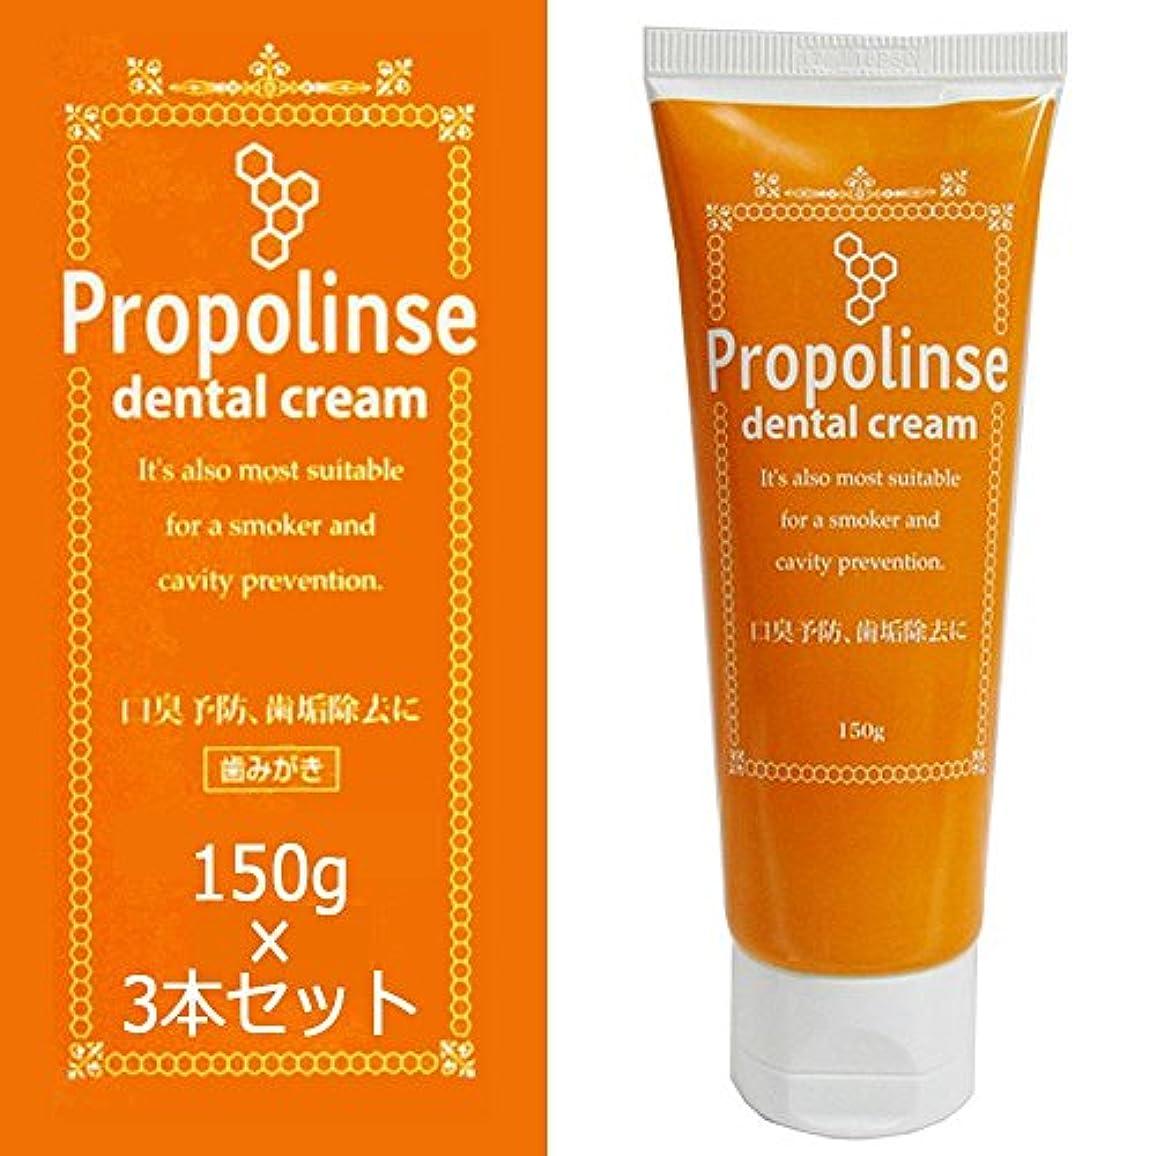 ご予約とげのある報酬プロポリンス デンタルクリーム(歯みがき) 150g×3個セット